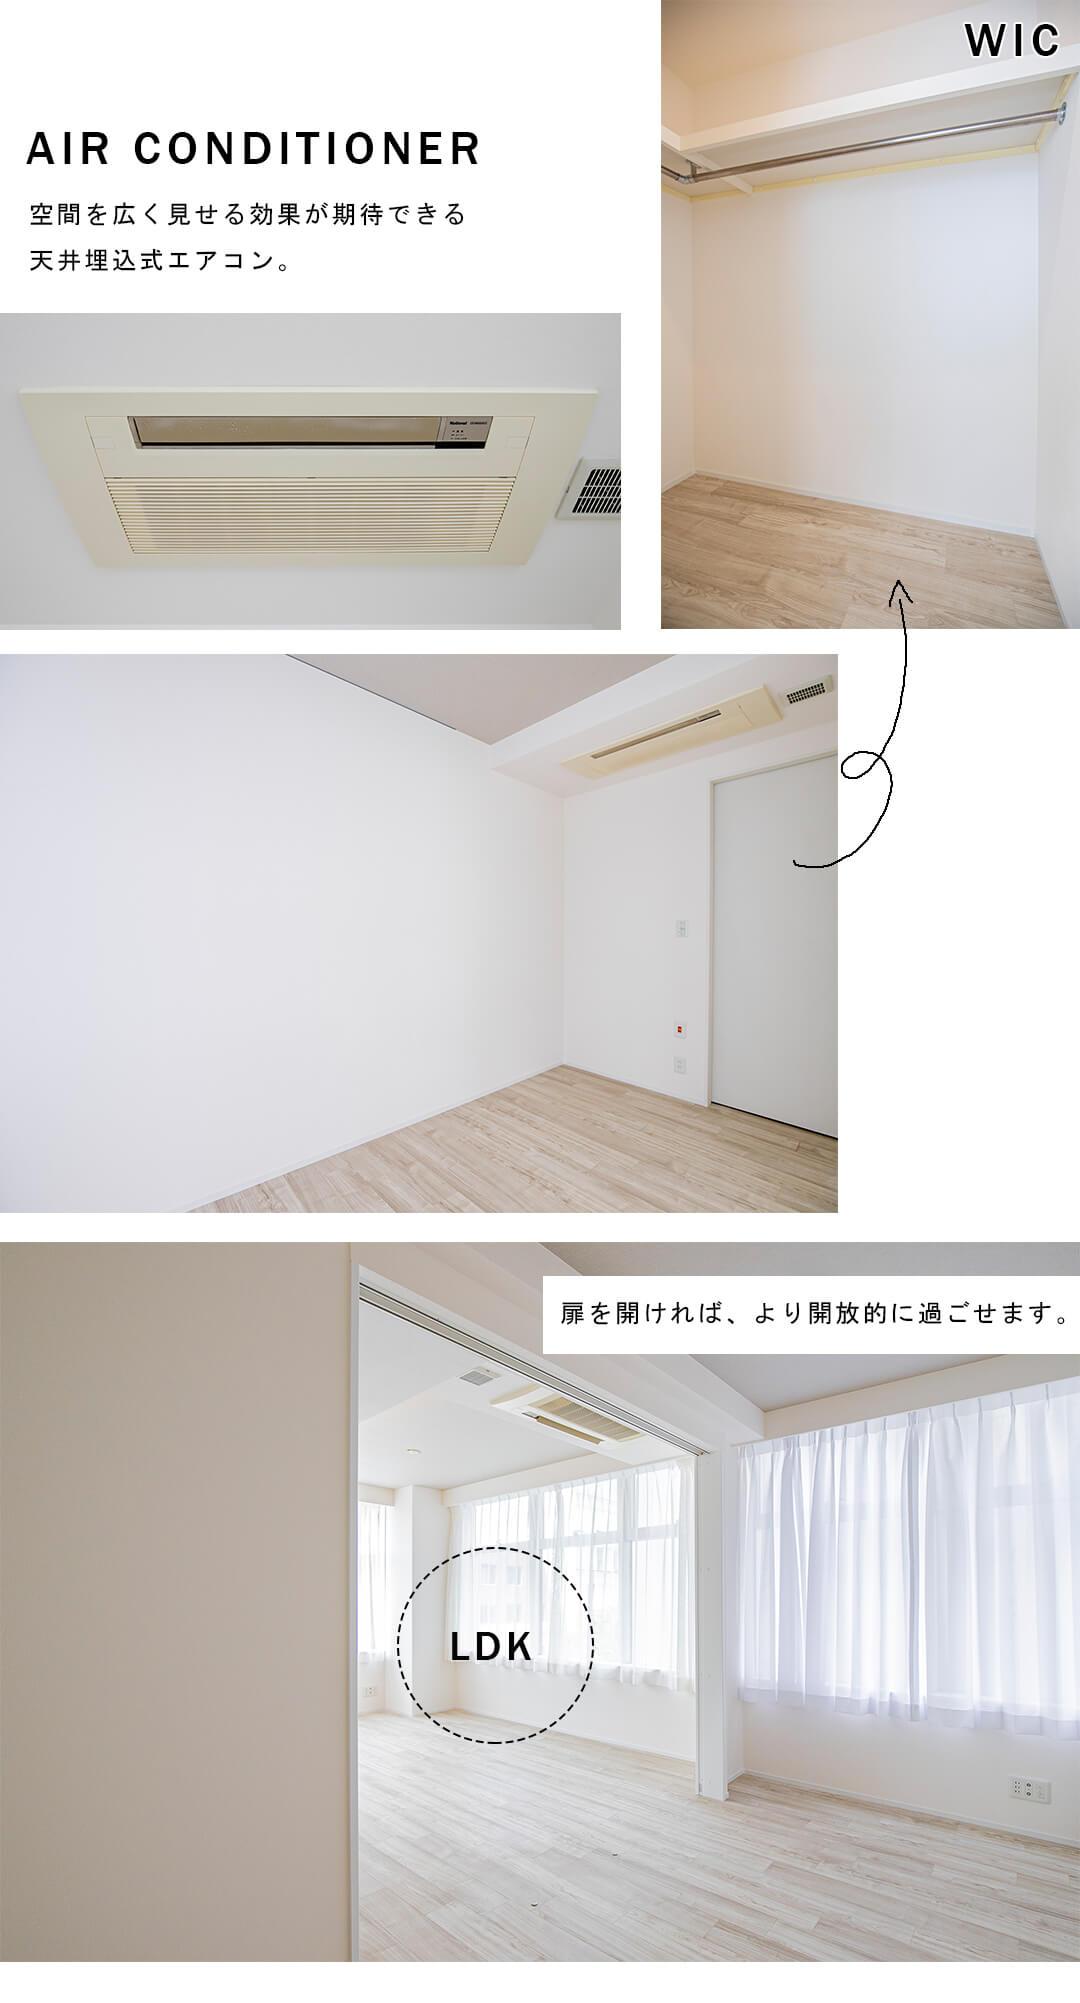 マジェスタワー六本木の寝室